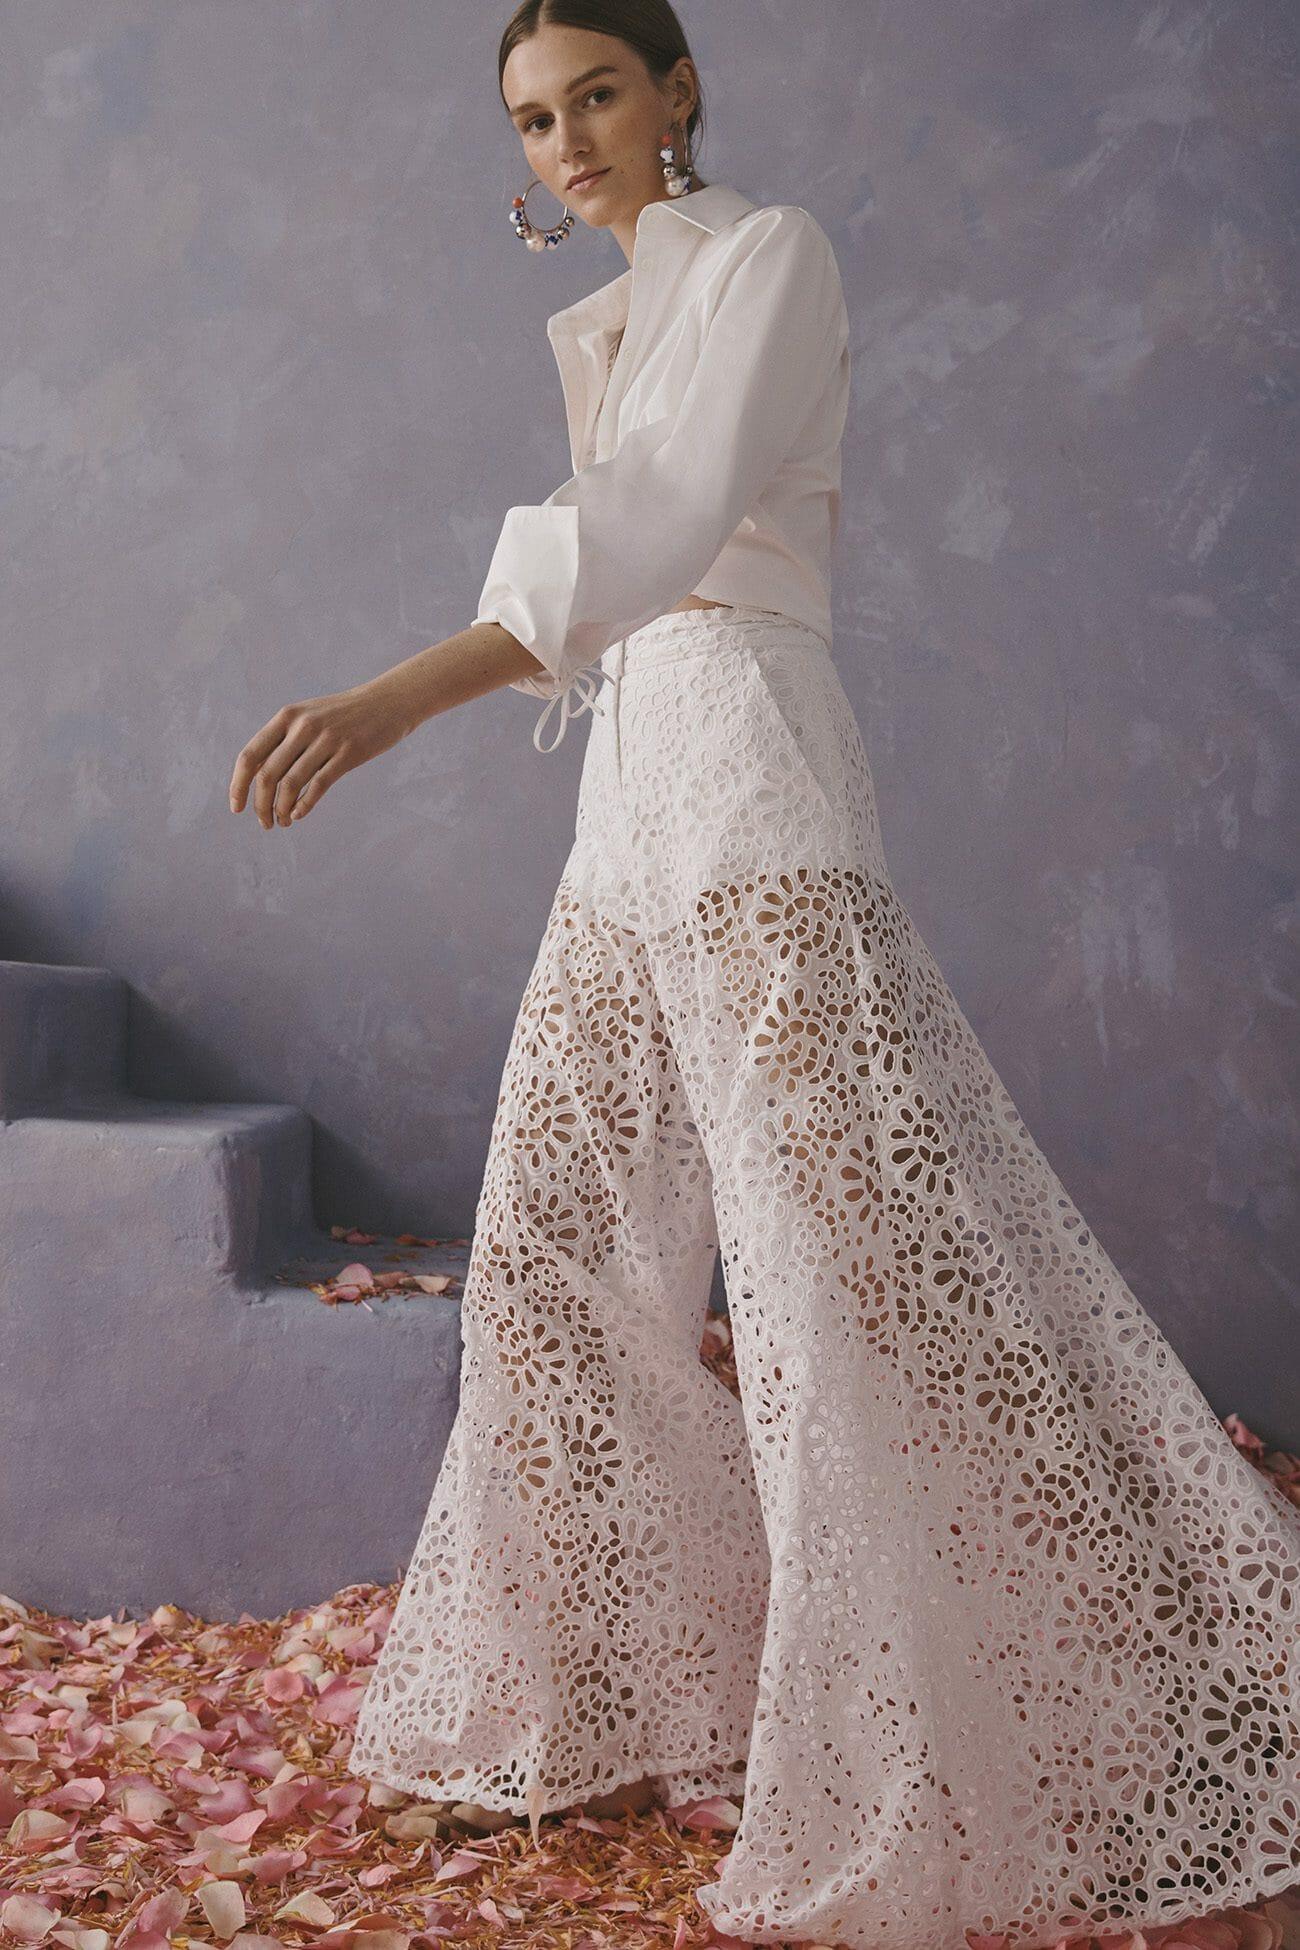 Carolina Herrera New York Resort 2020 Collection white crochet pants shirt